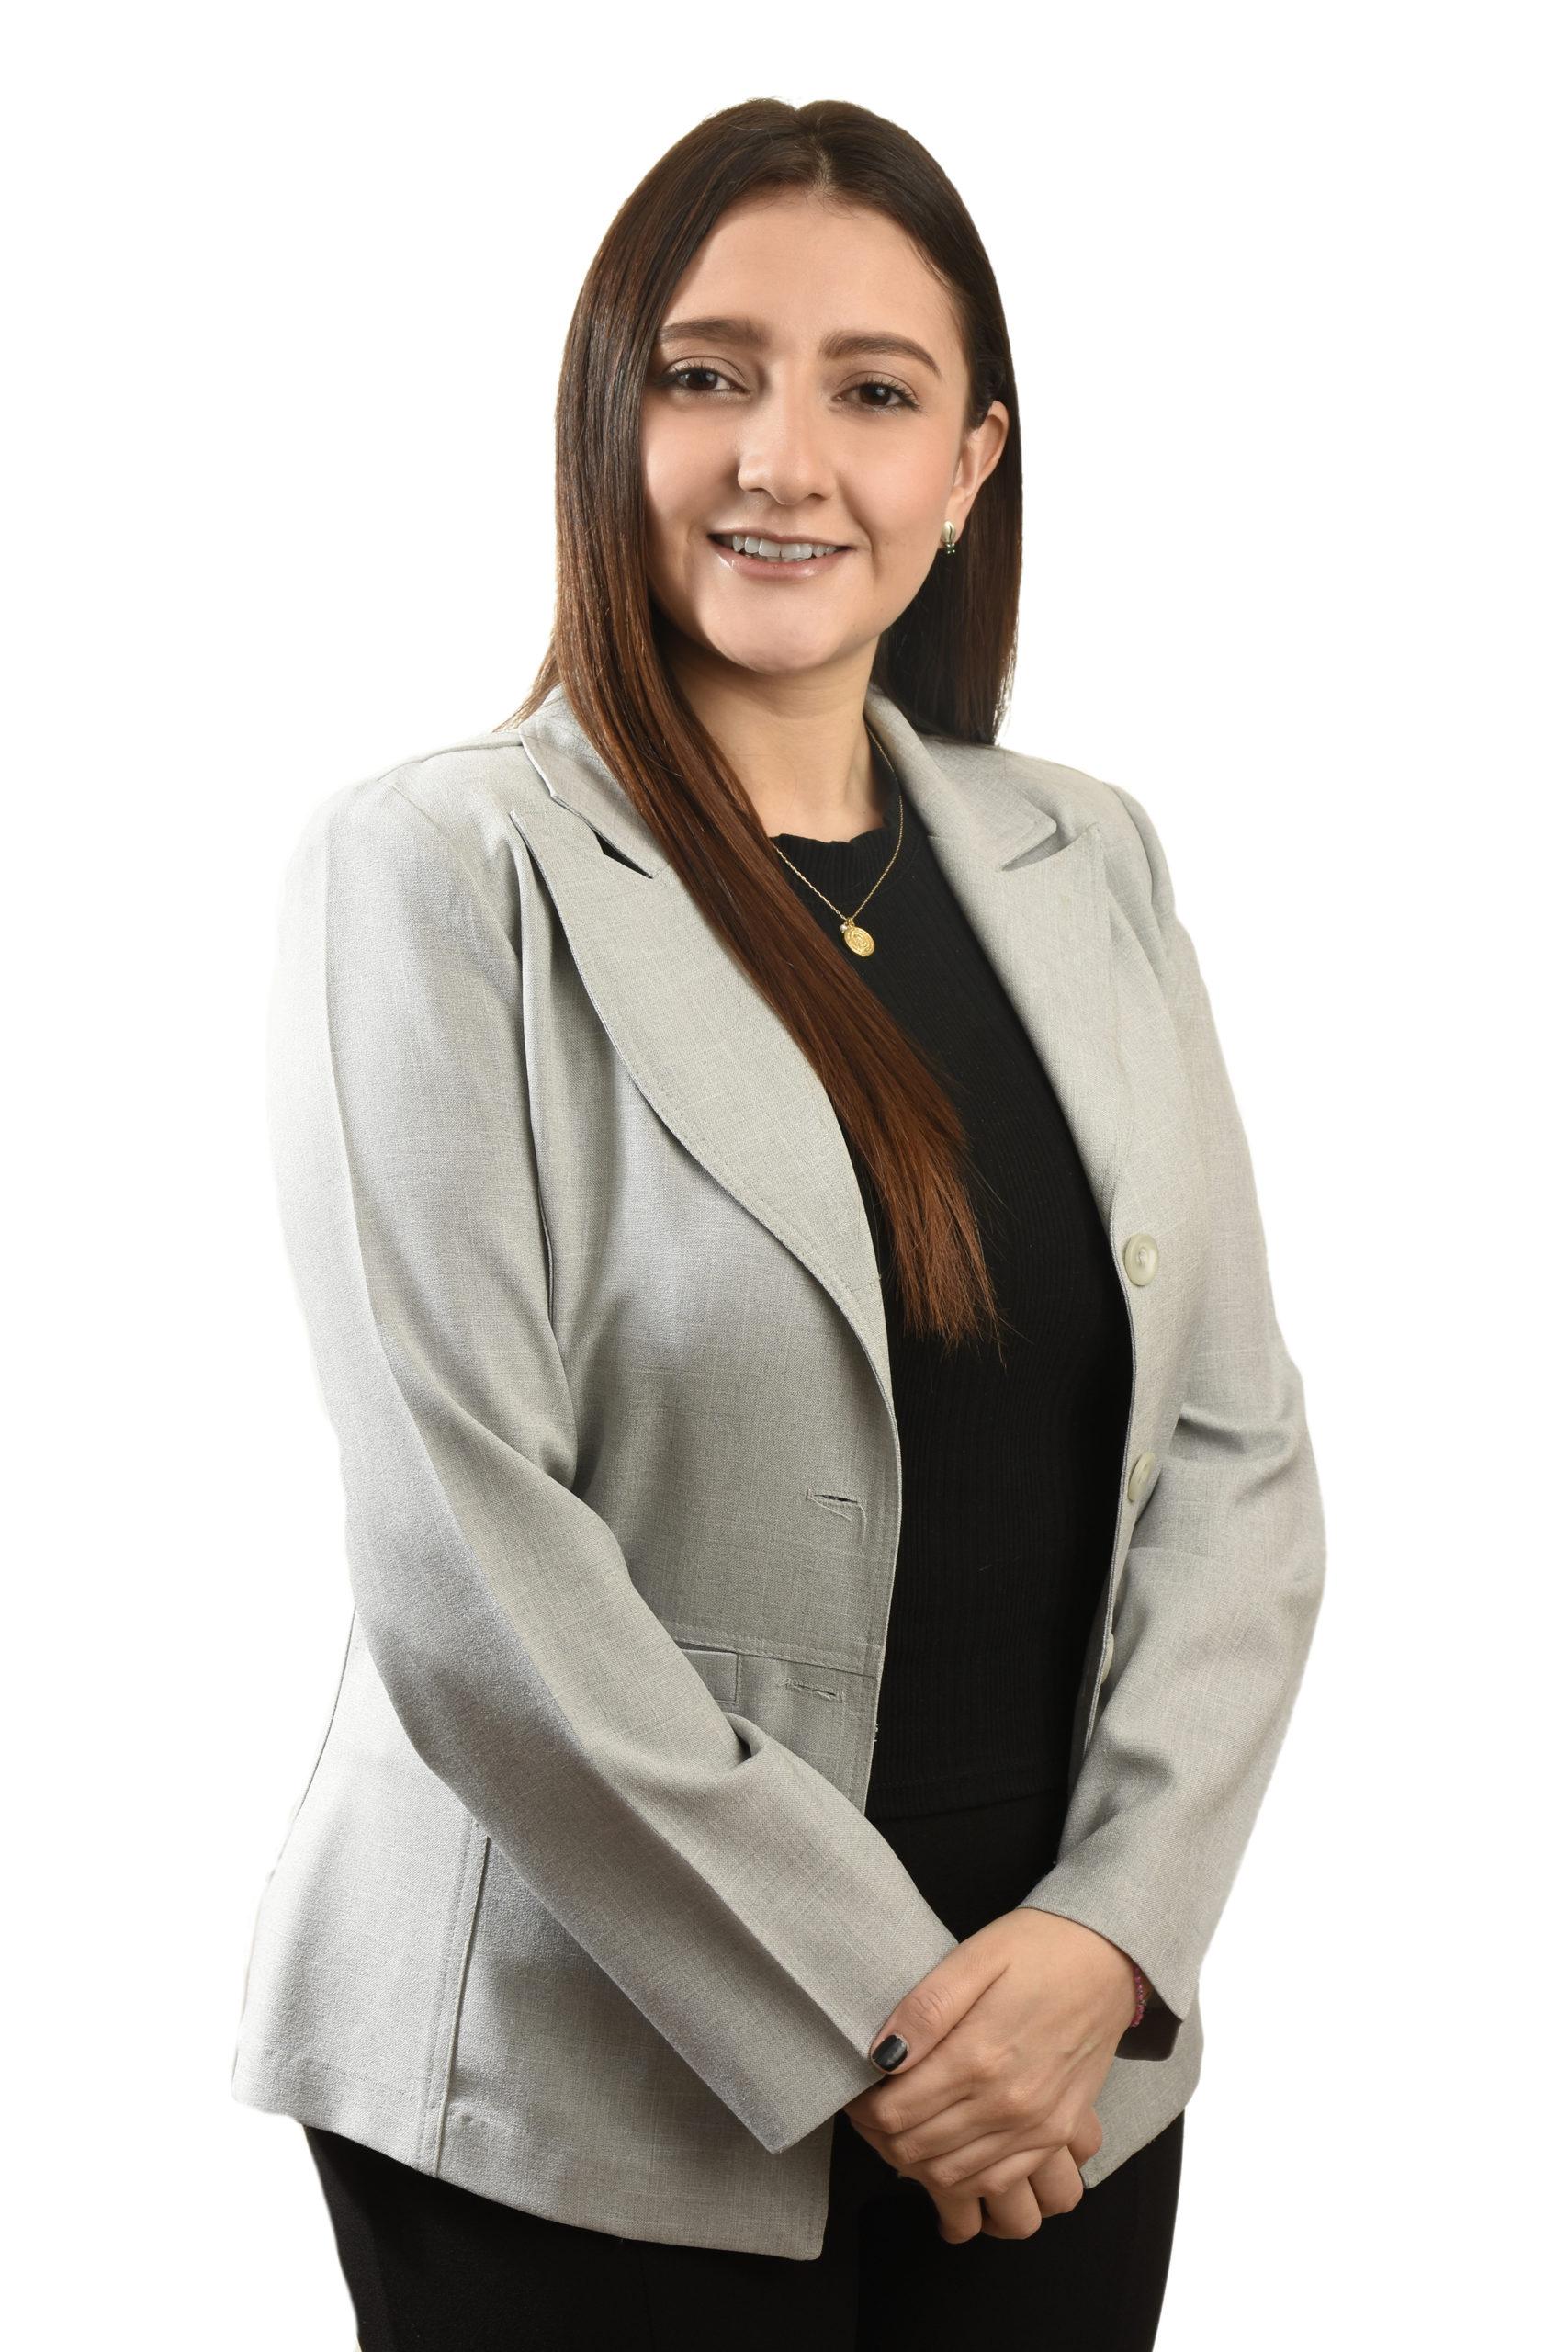 Mariana Fernández Boada